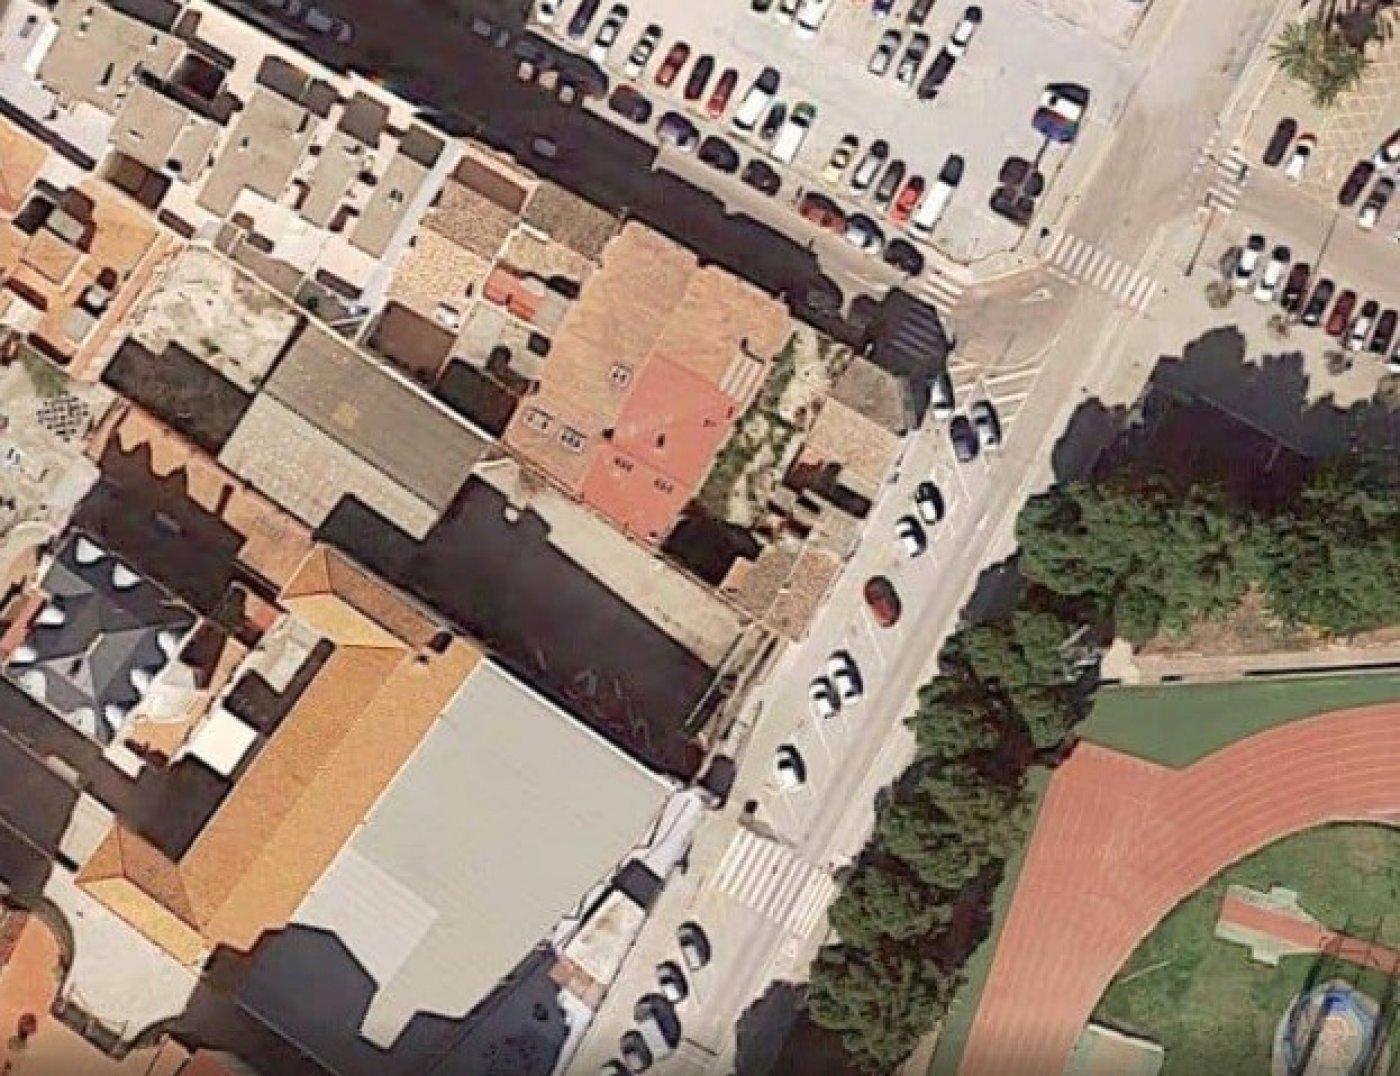 Urbano/solar/parcela en venta en c/ cervantes con edificabilidad para 10 viviendas, gandia - imagenInmueble0